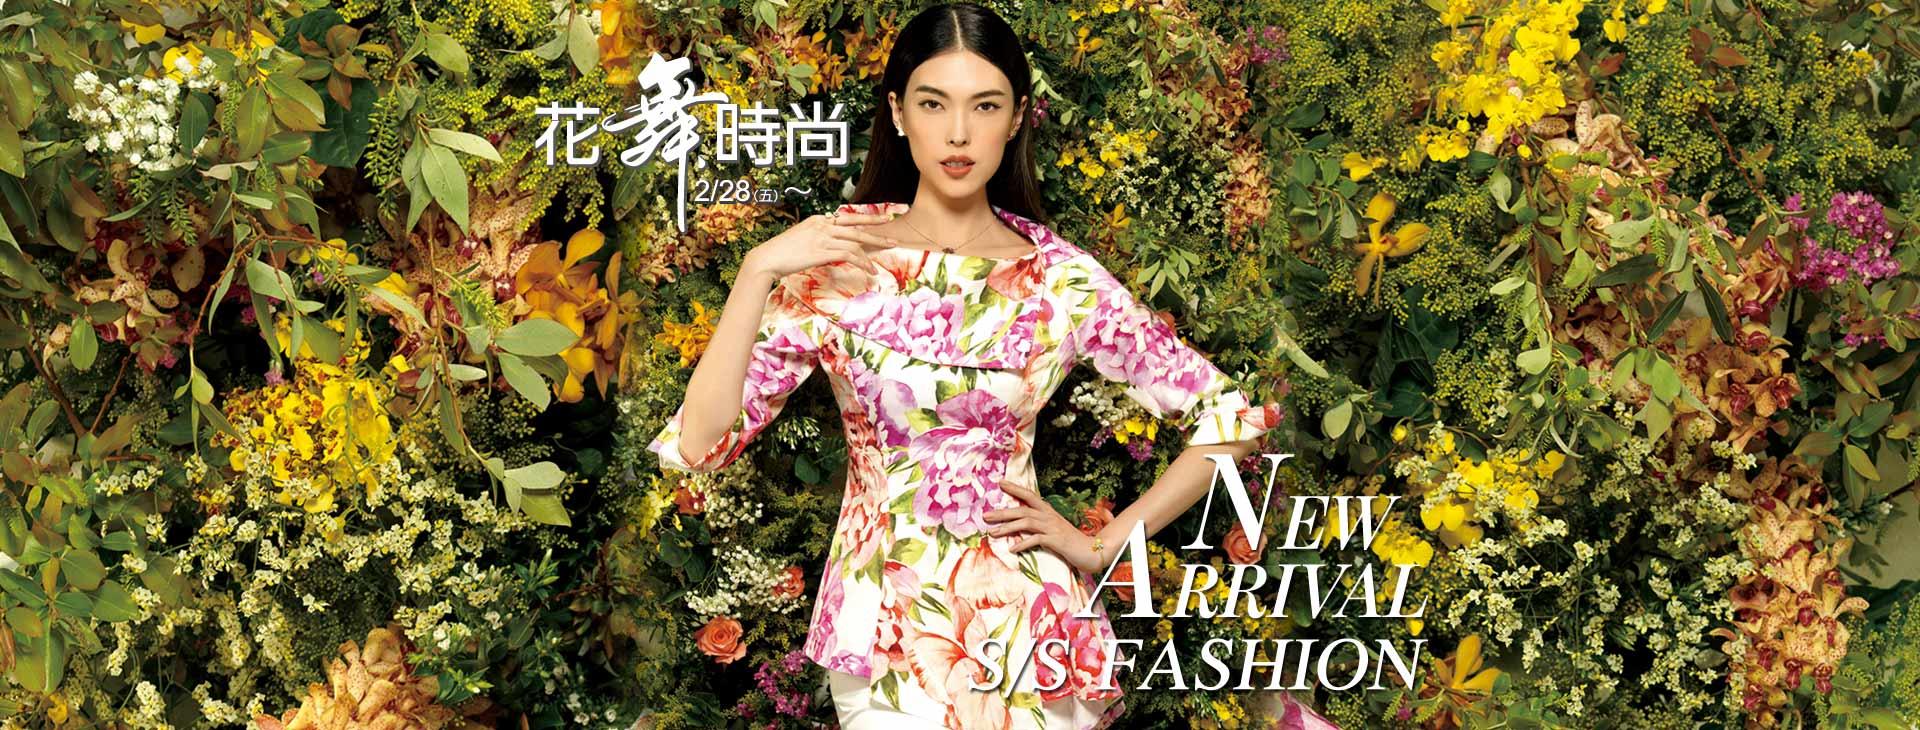 花舞時尚 NEW ARRIVAL S/S Fashion